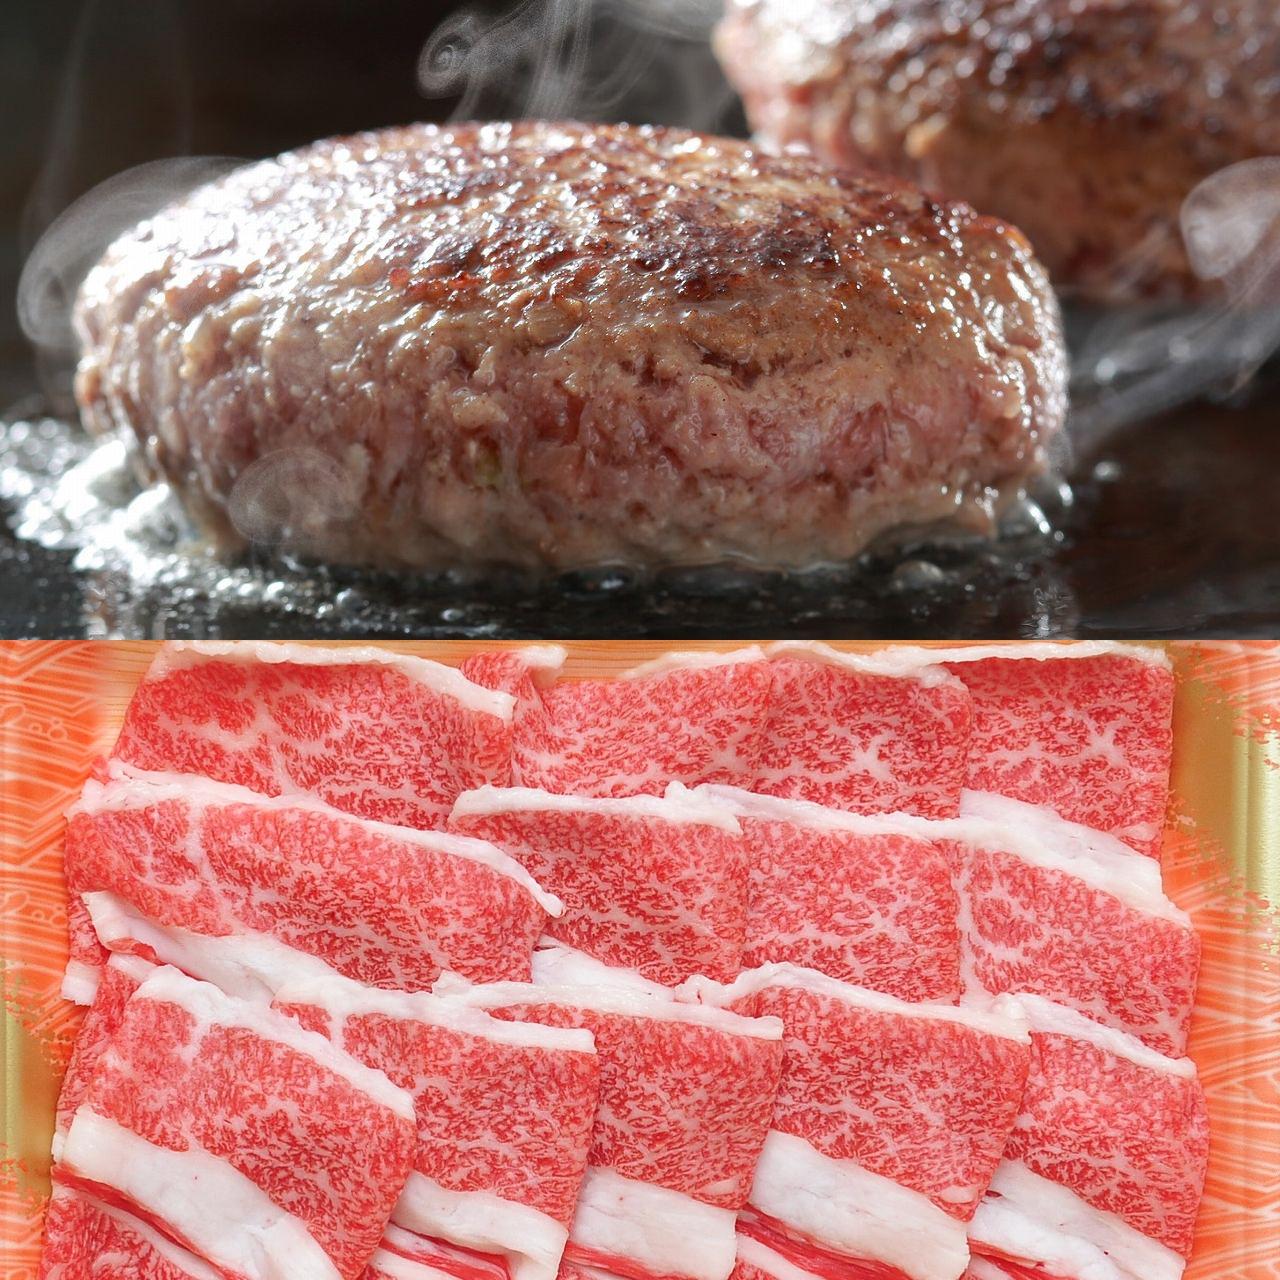 米沢牛切り落とし500gと米沢牛入りハンバーグ4個のセット 画像